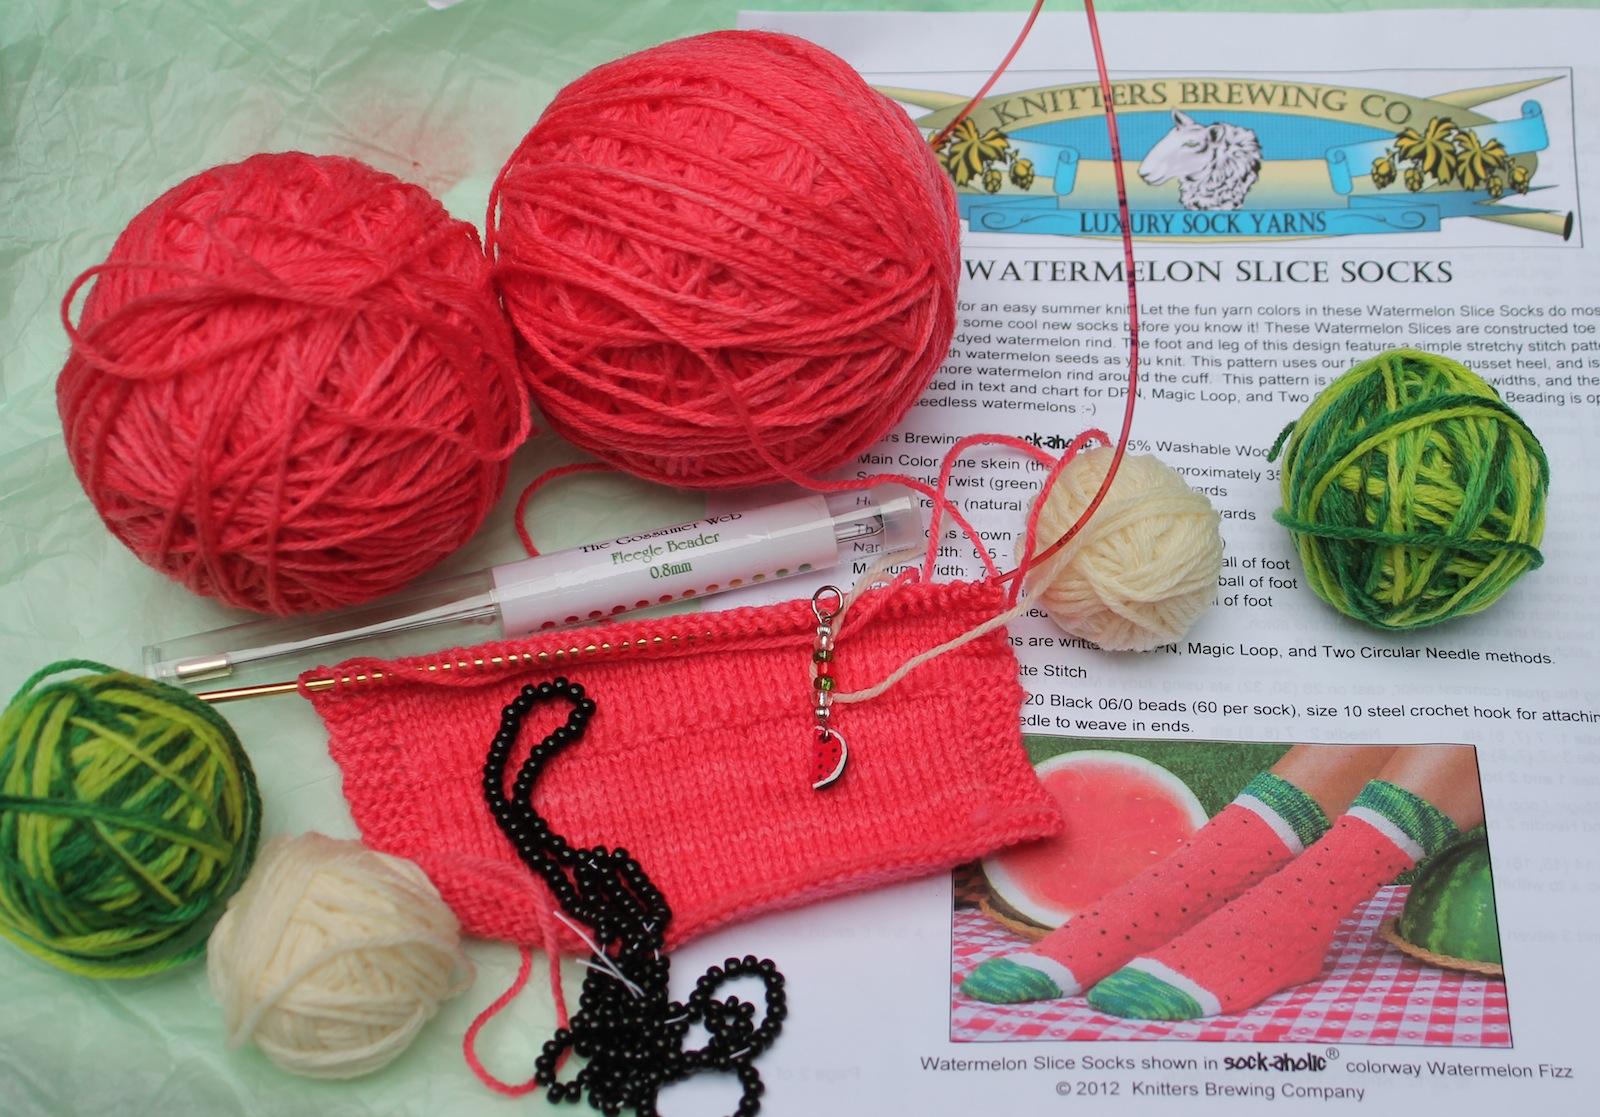 Happy Birthday Knitting Photo : Stitching n knitting happy birthday dena